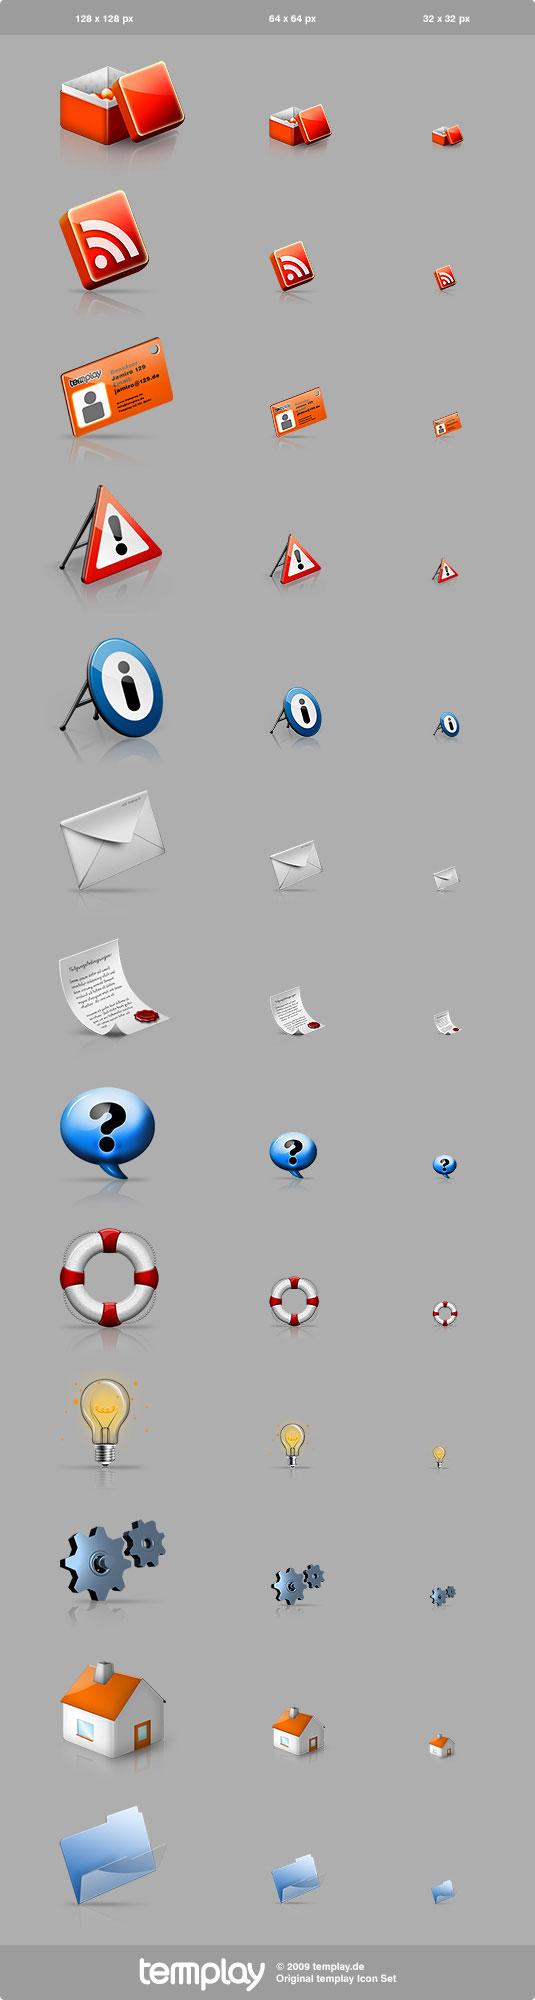 Vida boya, correo electrónico, gear, pases, icono de png de cuadro